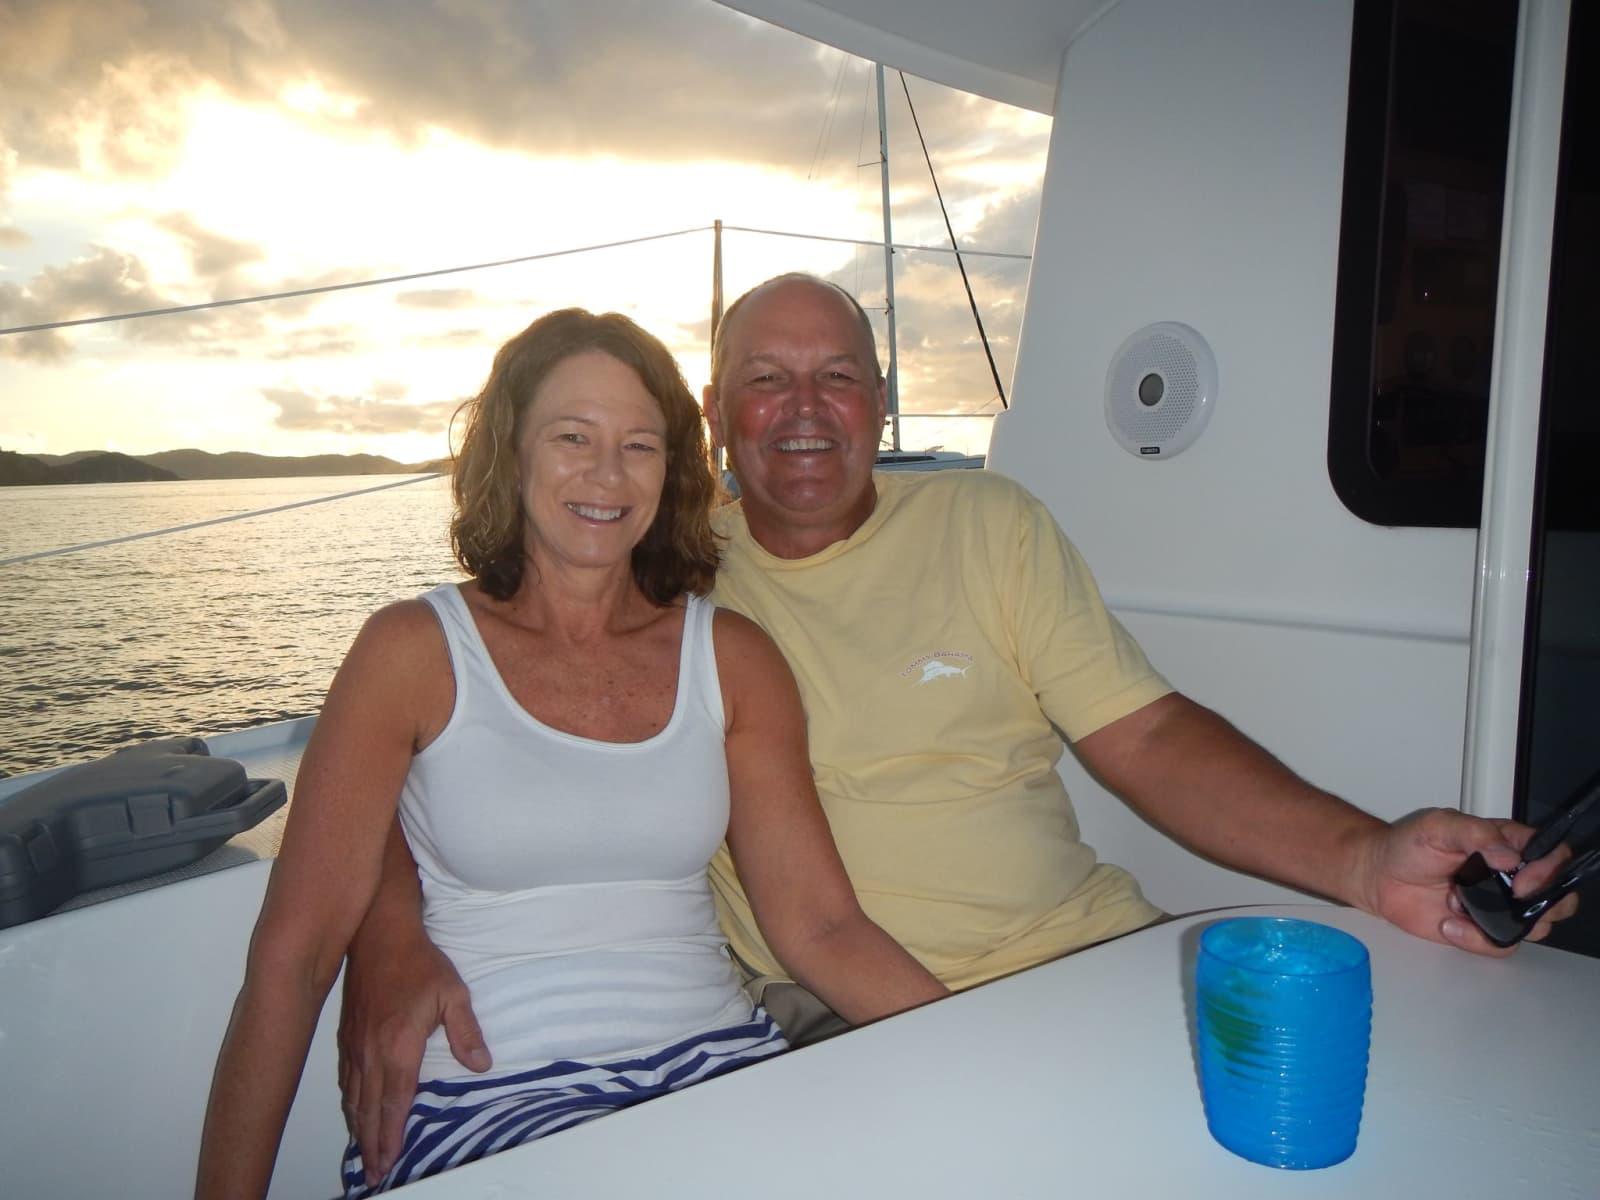 Brian & Delora from Columbia, Missouri, United States